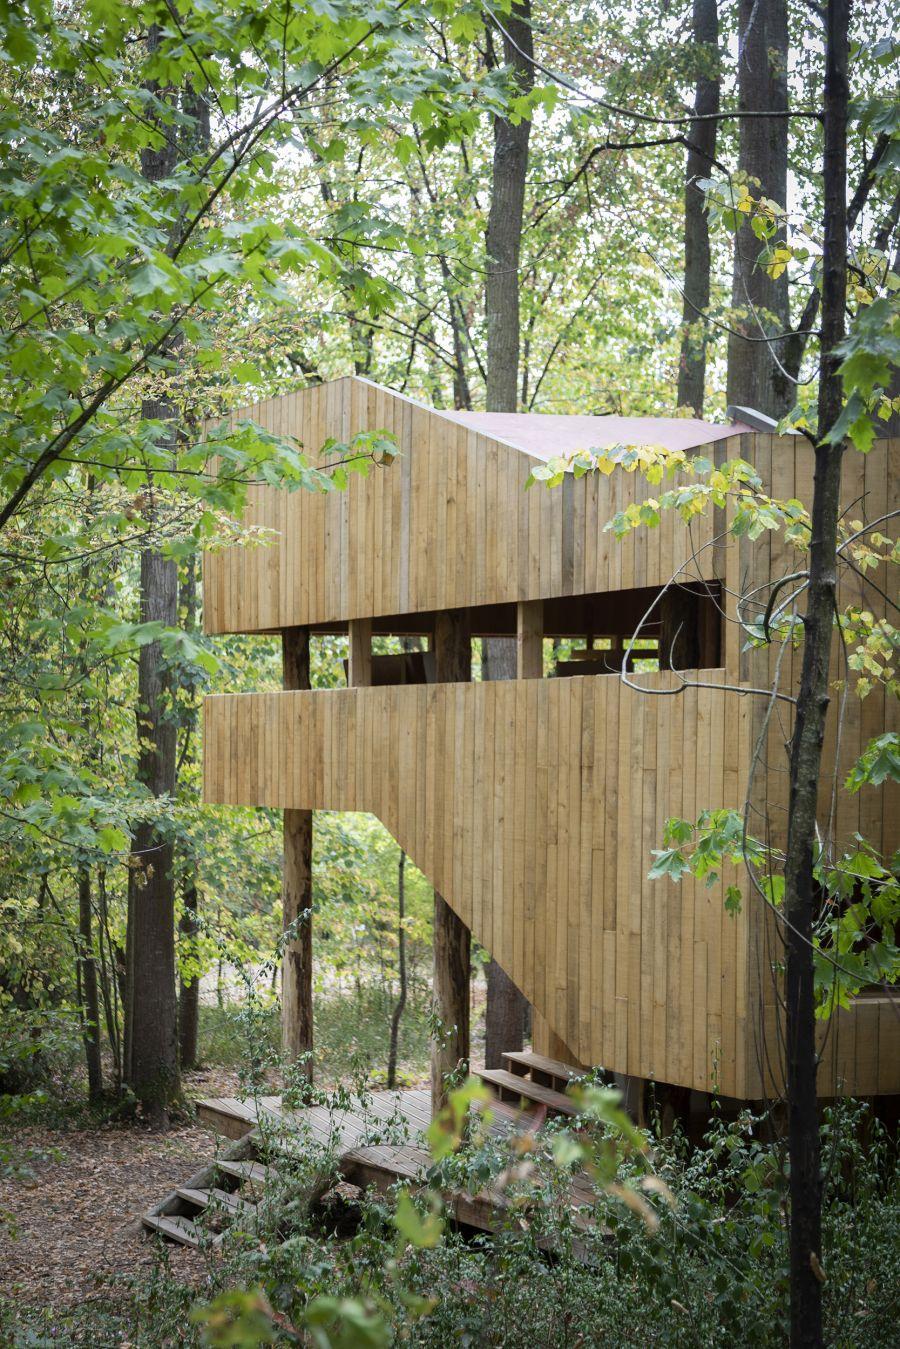 Maison 100 % bois - Arch. LOCAL et  Peeraya Suphasidh Studio © Atelier Vincent Hecht